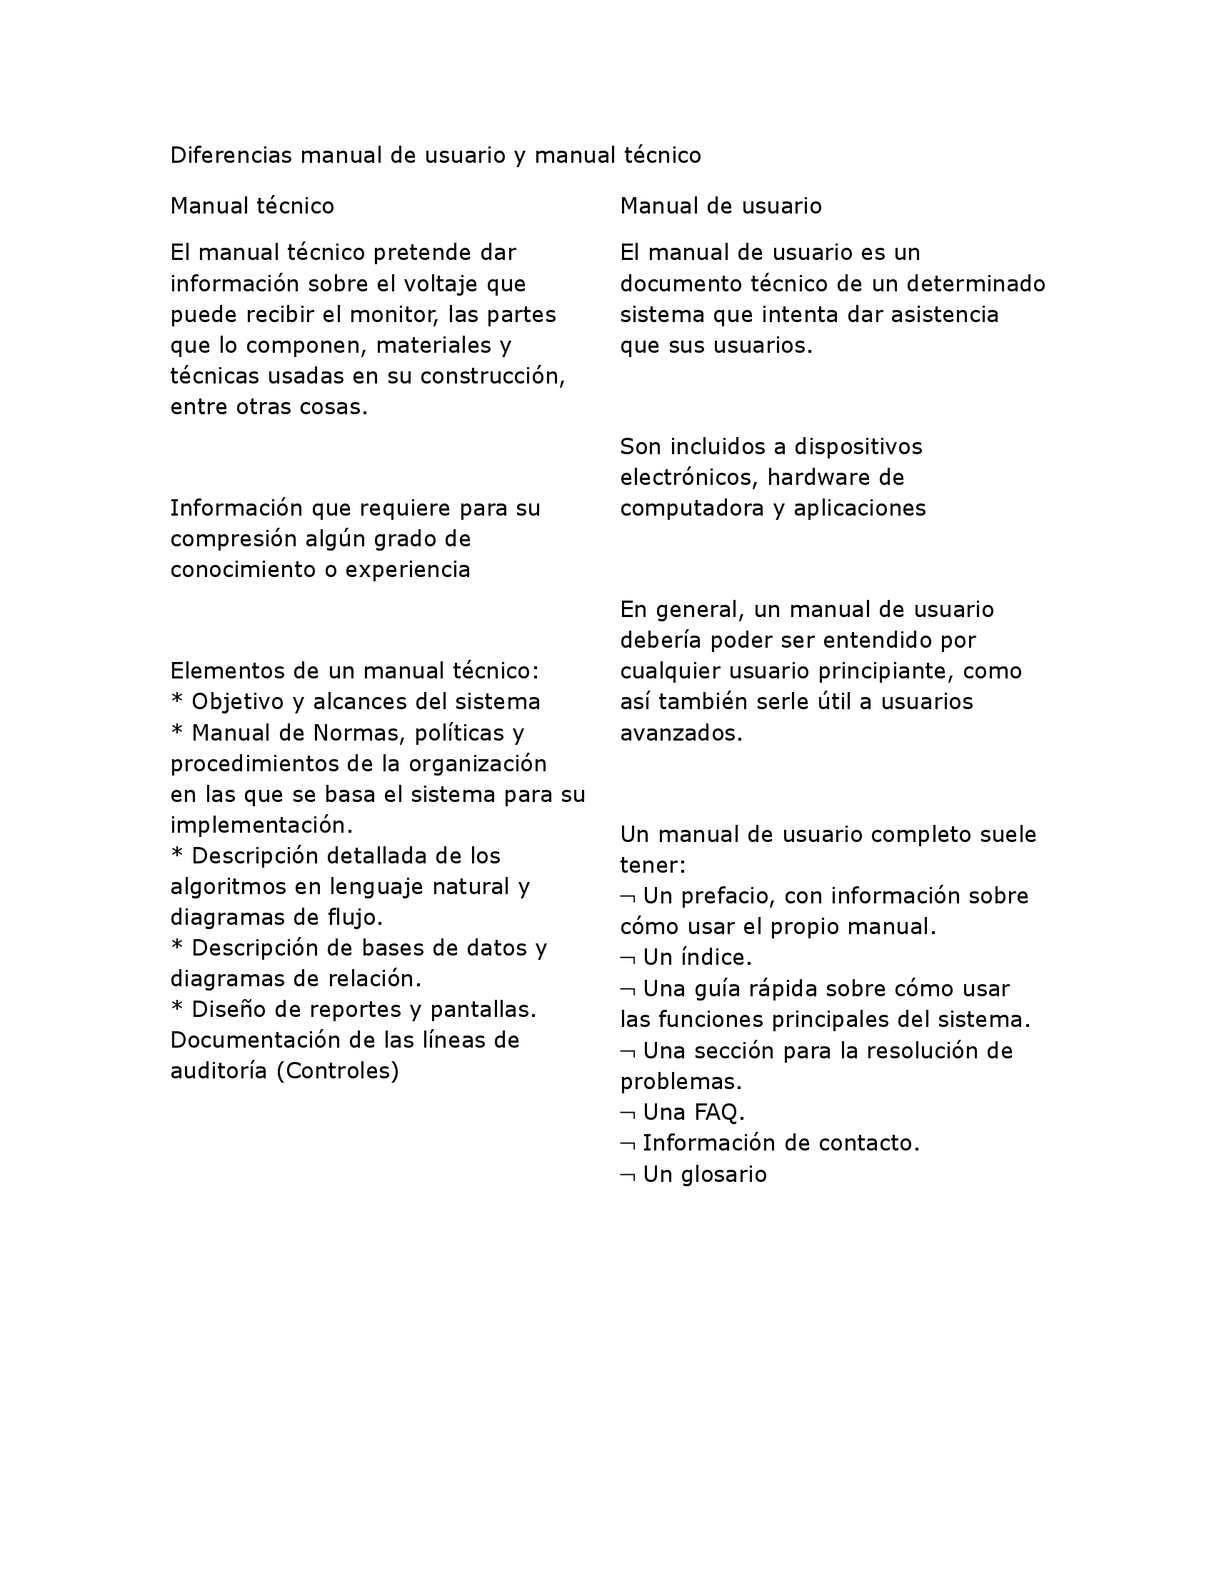 manual tecnico y manual de usuario pdf